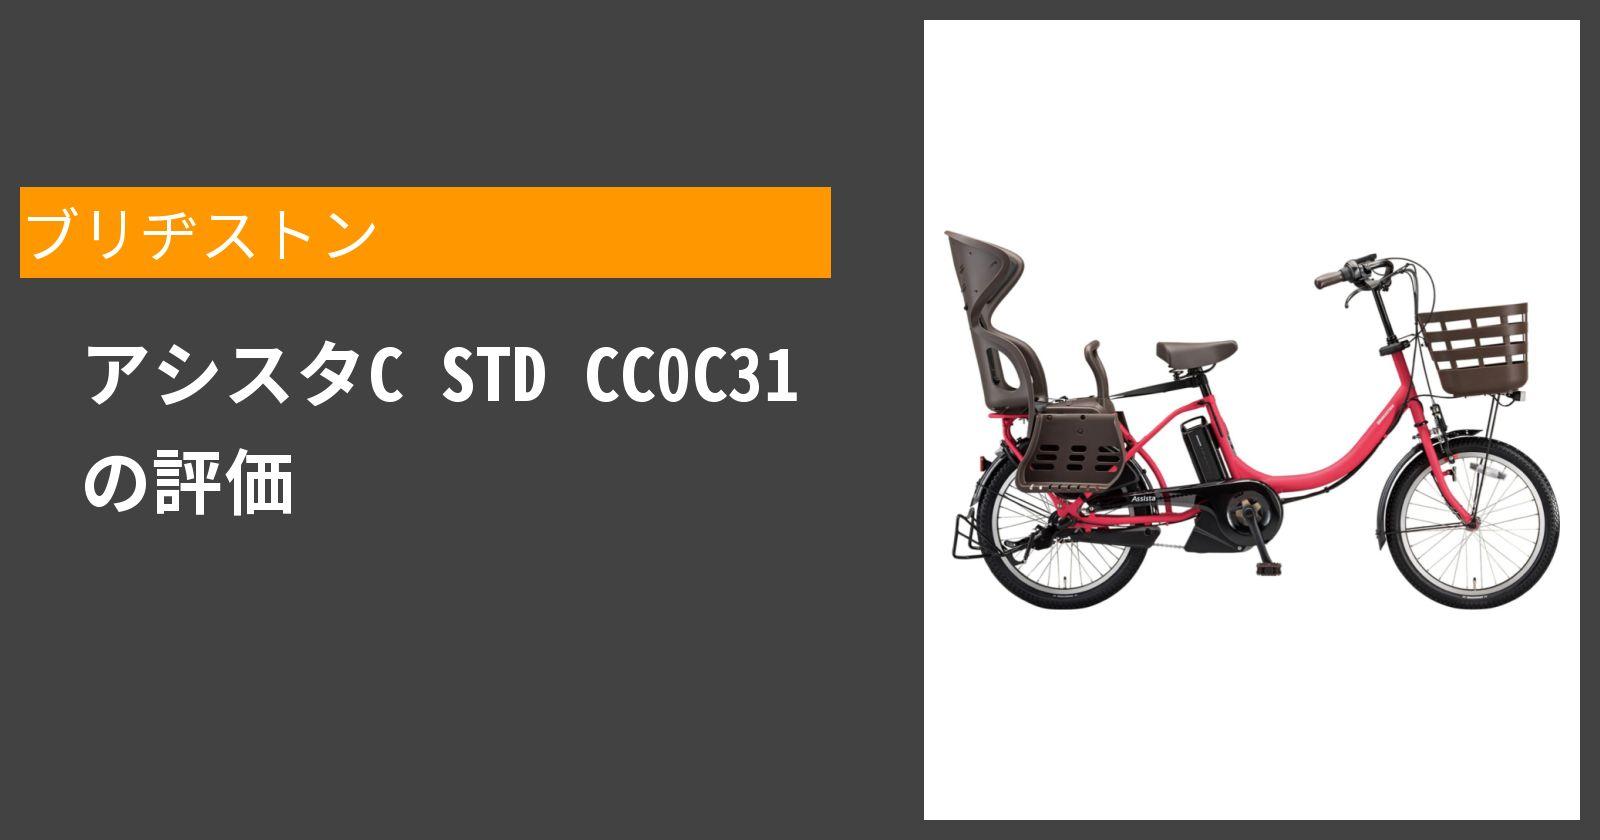 アシスタC STD CC0C31を徹底評価